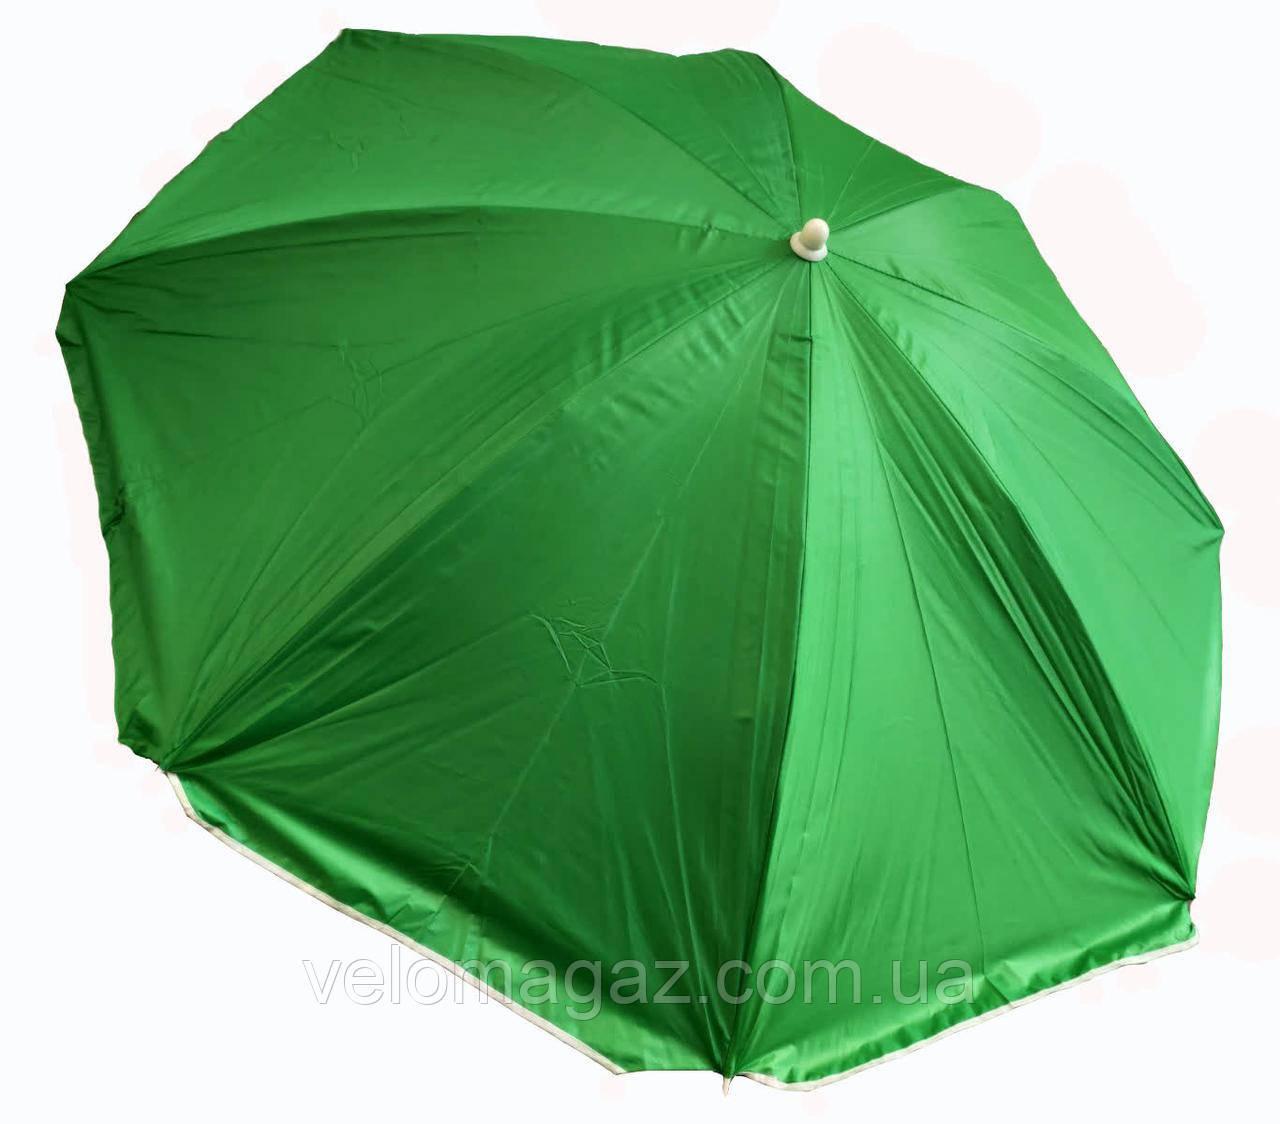 """Пляжний зонт 1,6 м з нахилом, система """"Ромашка"""", чохол, салатовий"""